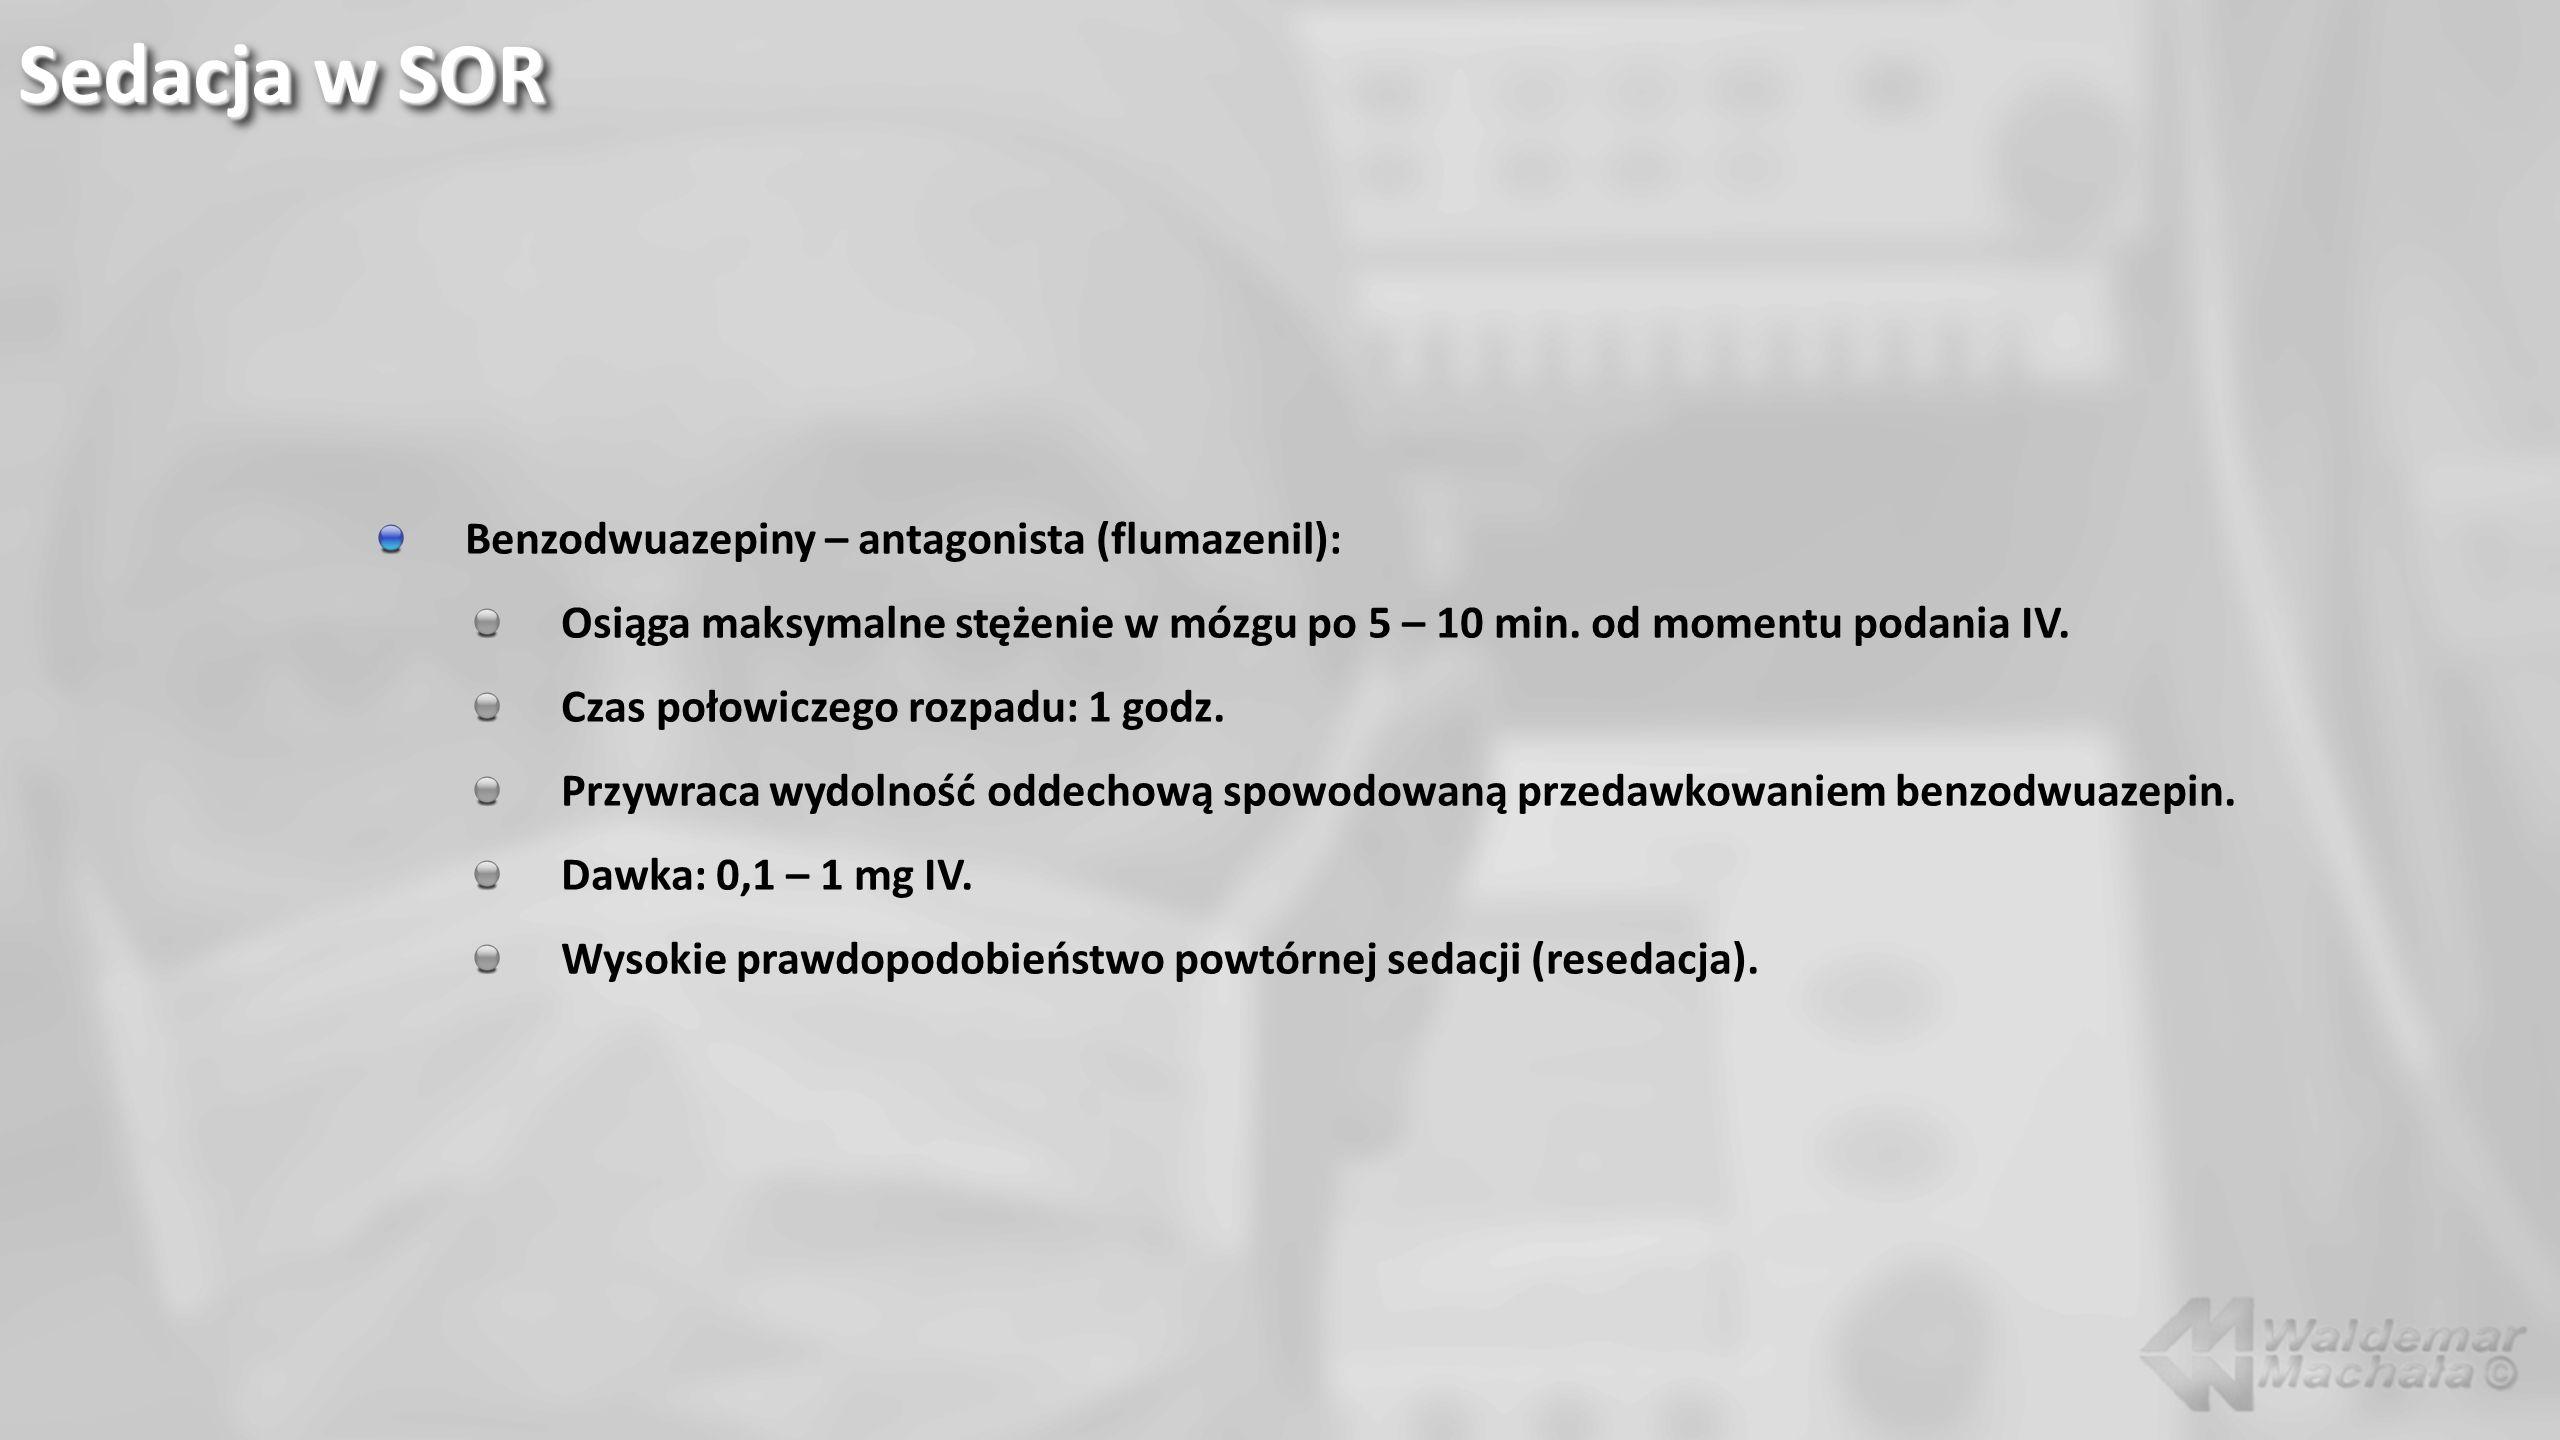 Sedacja w SOR Benzodwuazepiny – antagonista (flumazenil):